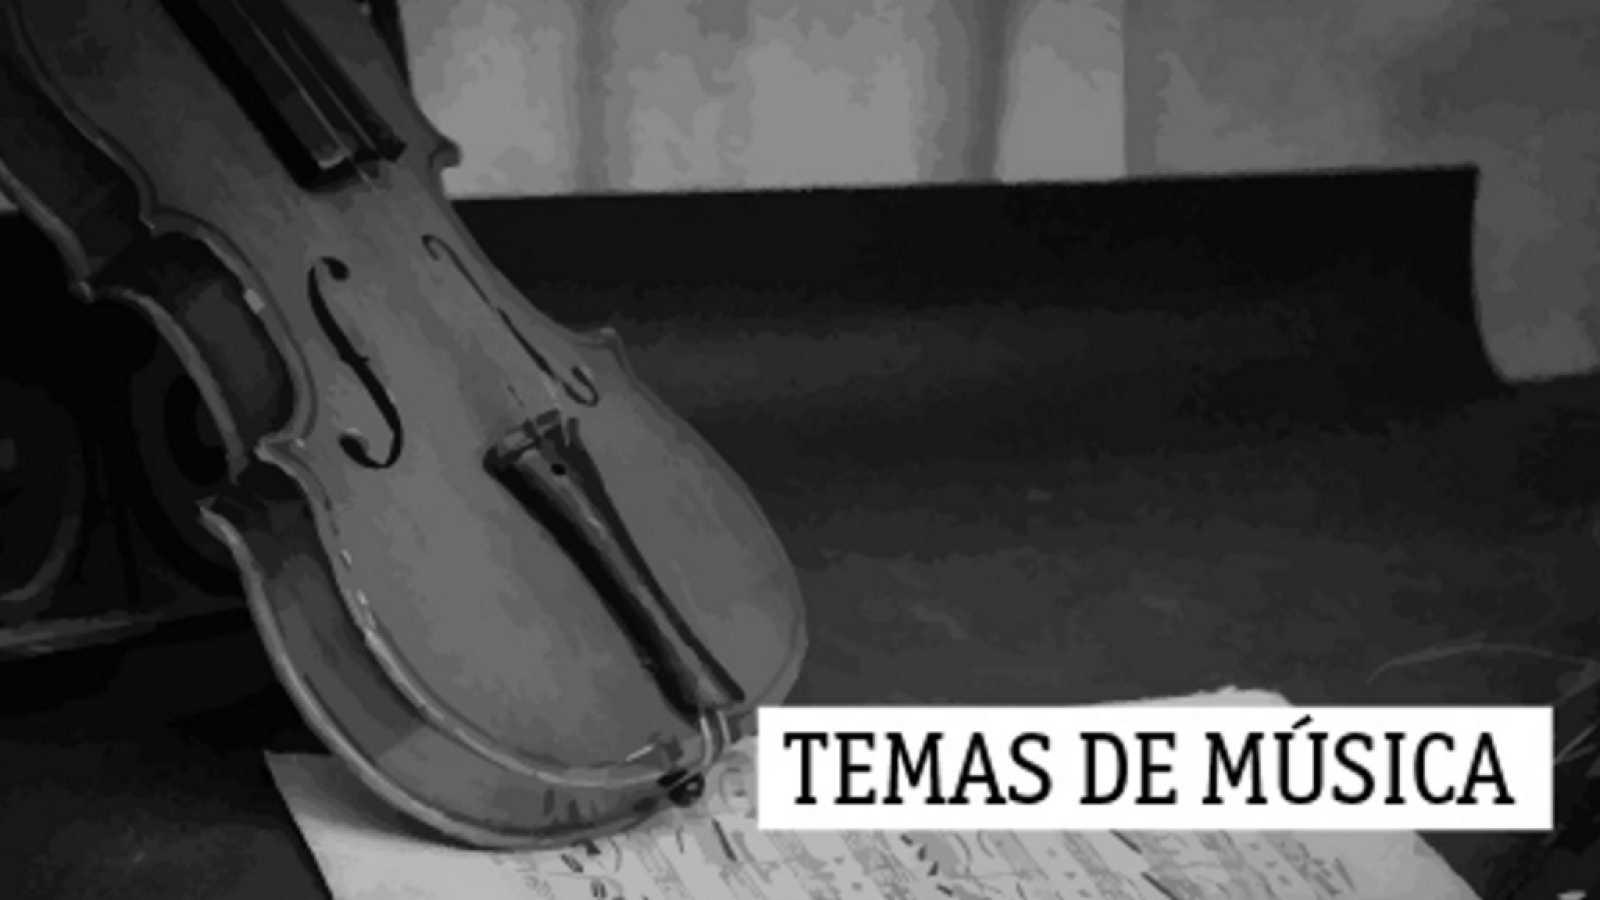 Temas de música - La España musical de los cincuenta (VIII) - 25/04/21 - escuchar ahora